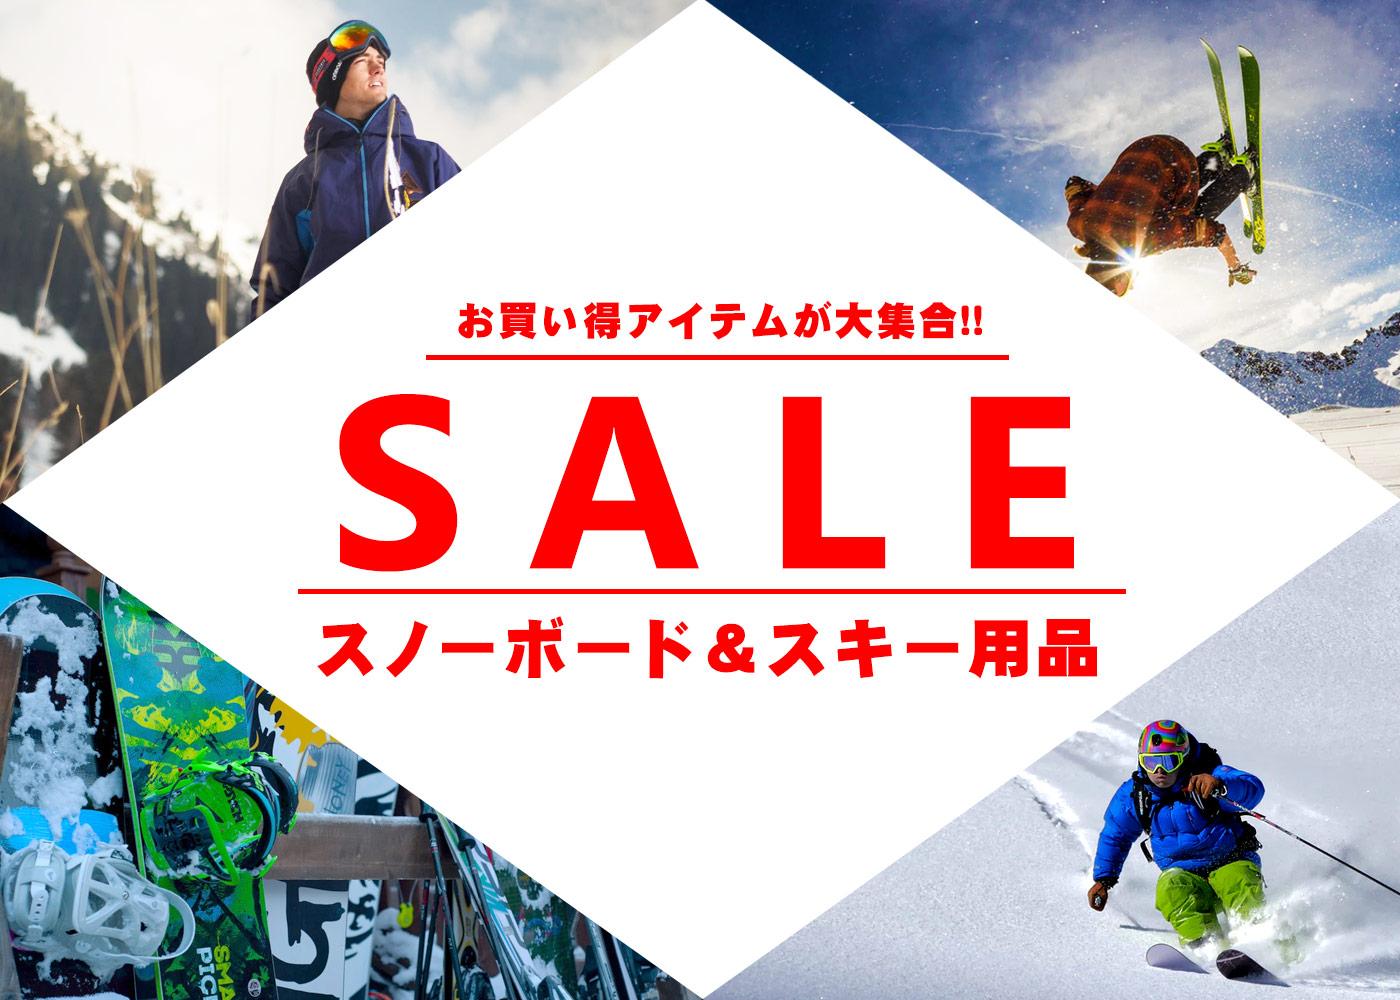 スノーボード・スキー用品セール